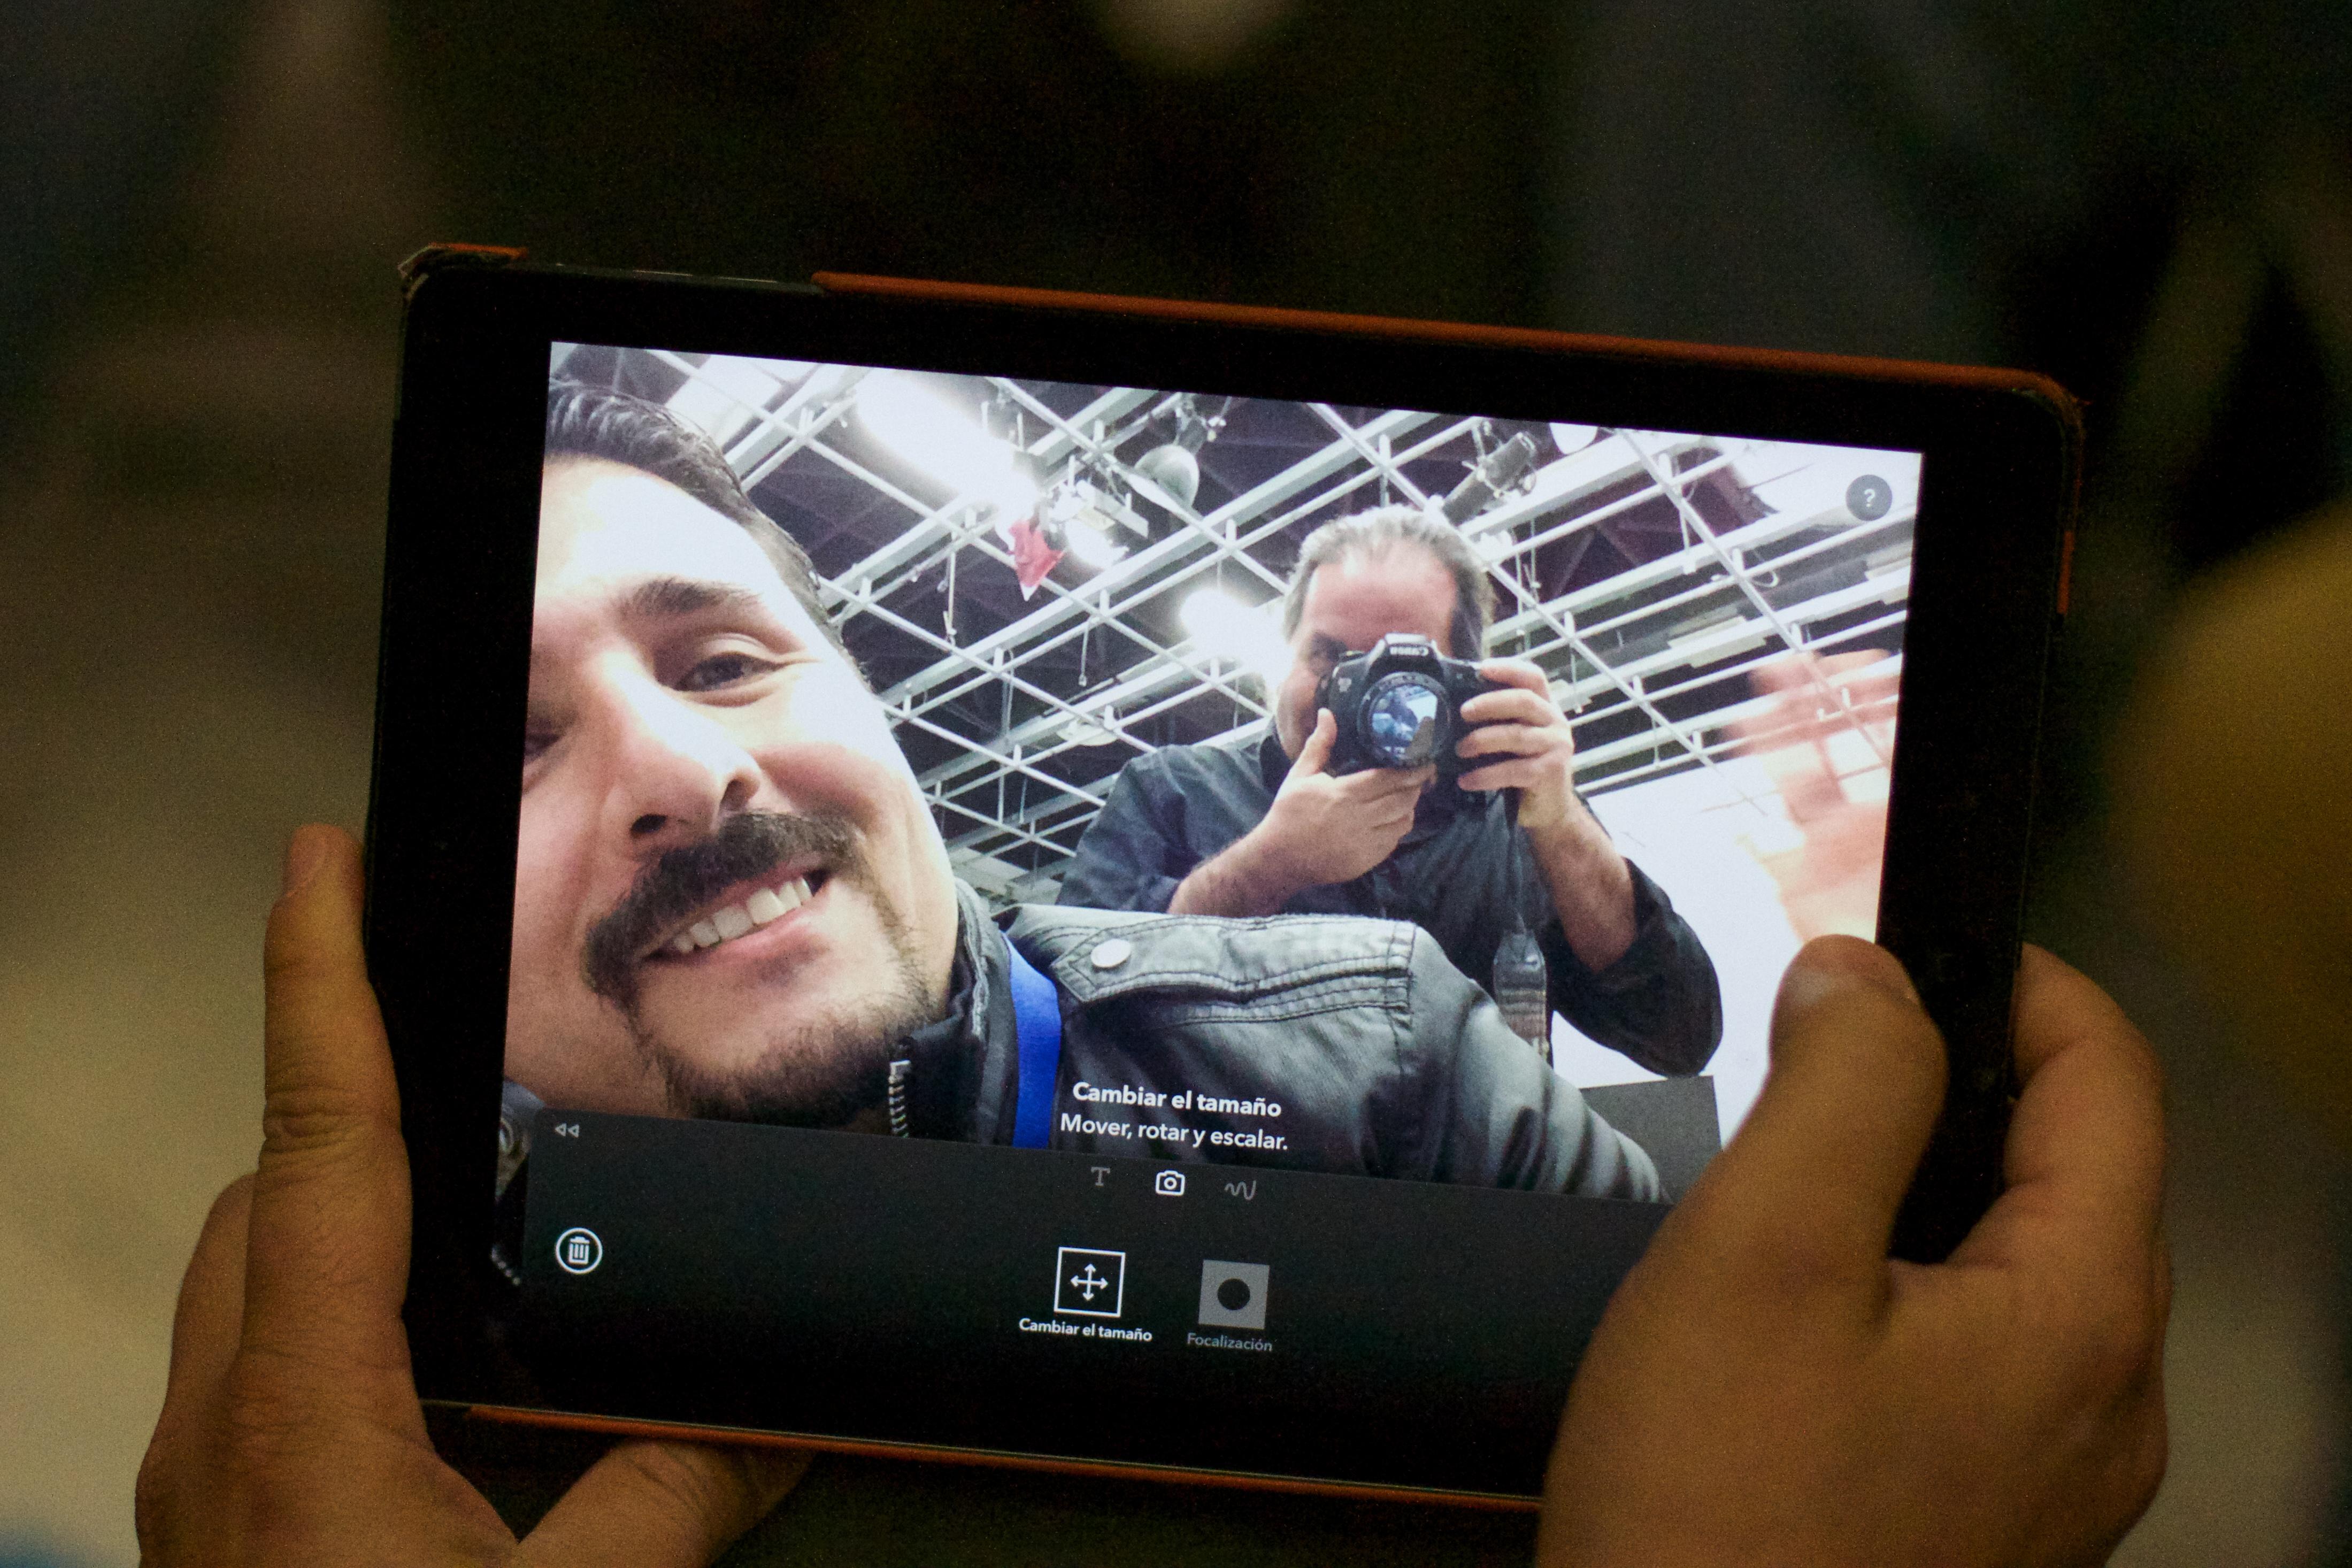 Gambar Smartphone Teknologi Fotografi Alat Telepon Genggam